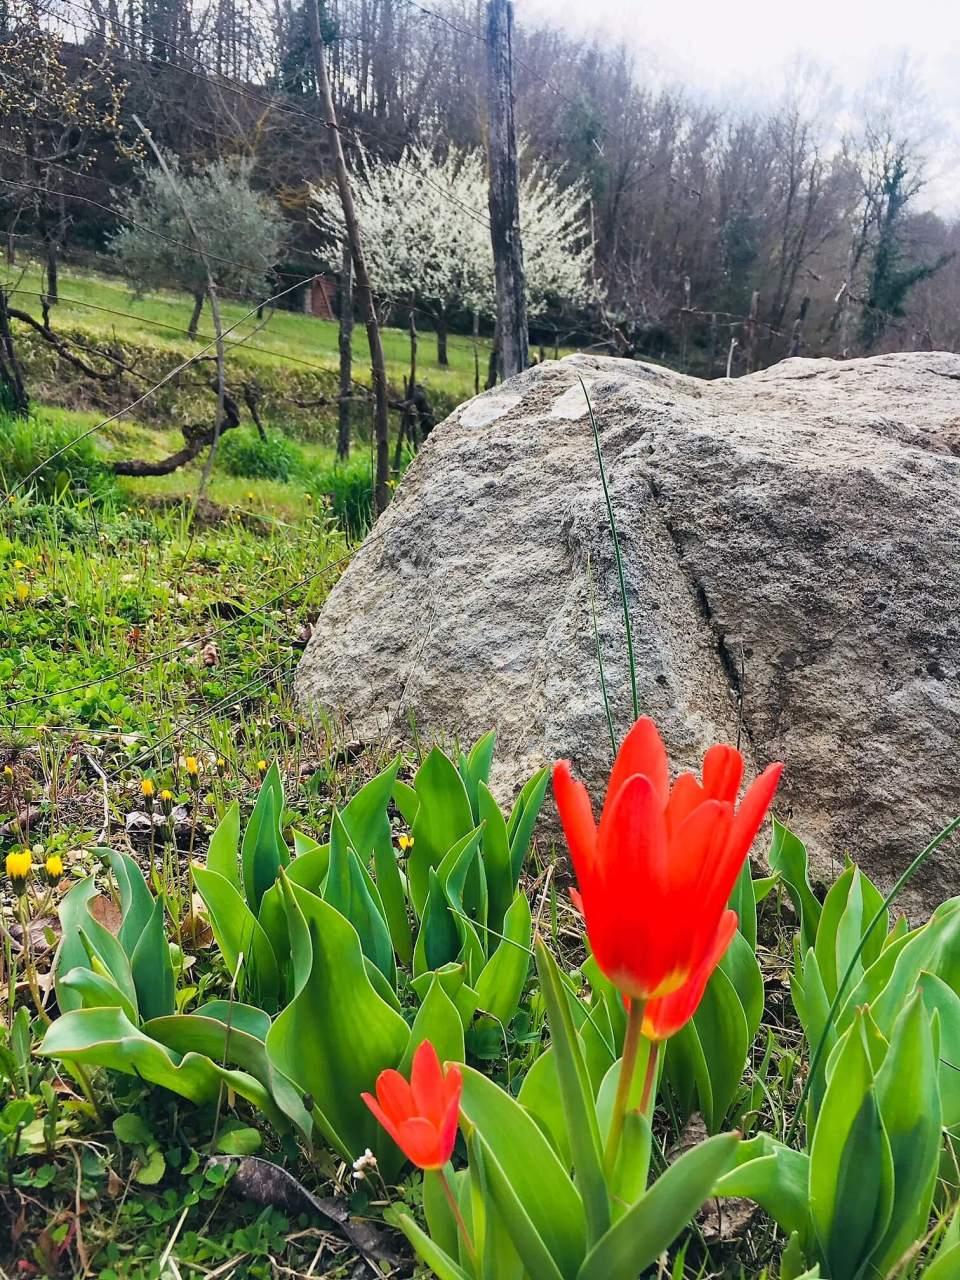 Gule blomster ligger i tepper på bakken mellom vinstokkene. Det er som om naturen pynter seg selv til påske på vingården. Det føles vemodig at påsken er over. Men nå kommer våren. Kveldene er lysere, snøen smelter, fuglene våkner og sola varmer. La oss nyte den og la den inspirere oss til å gjøre det vi drømmer om.